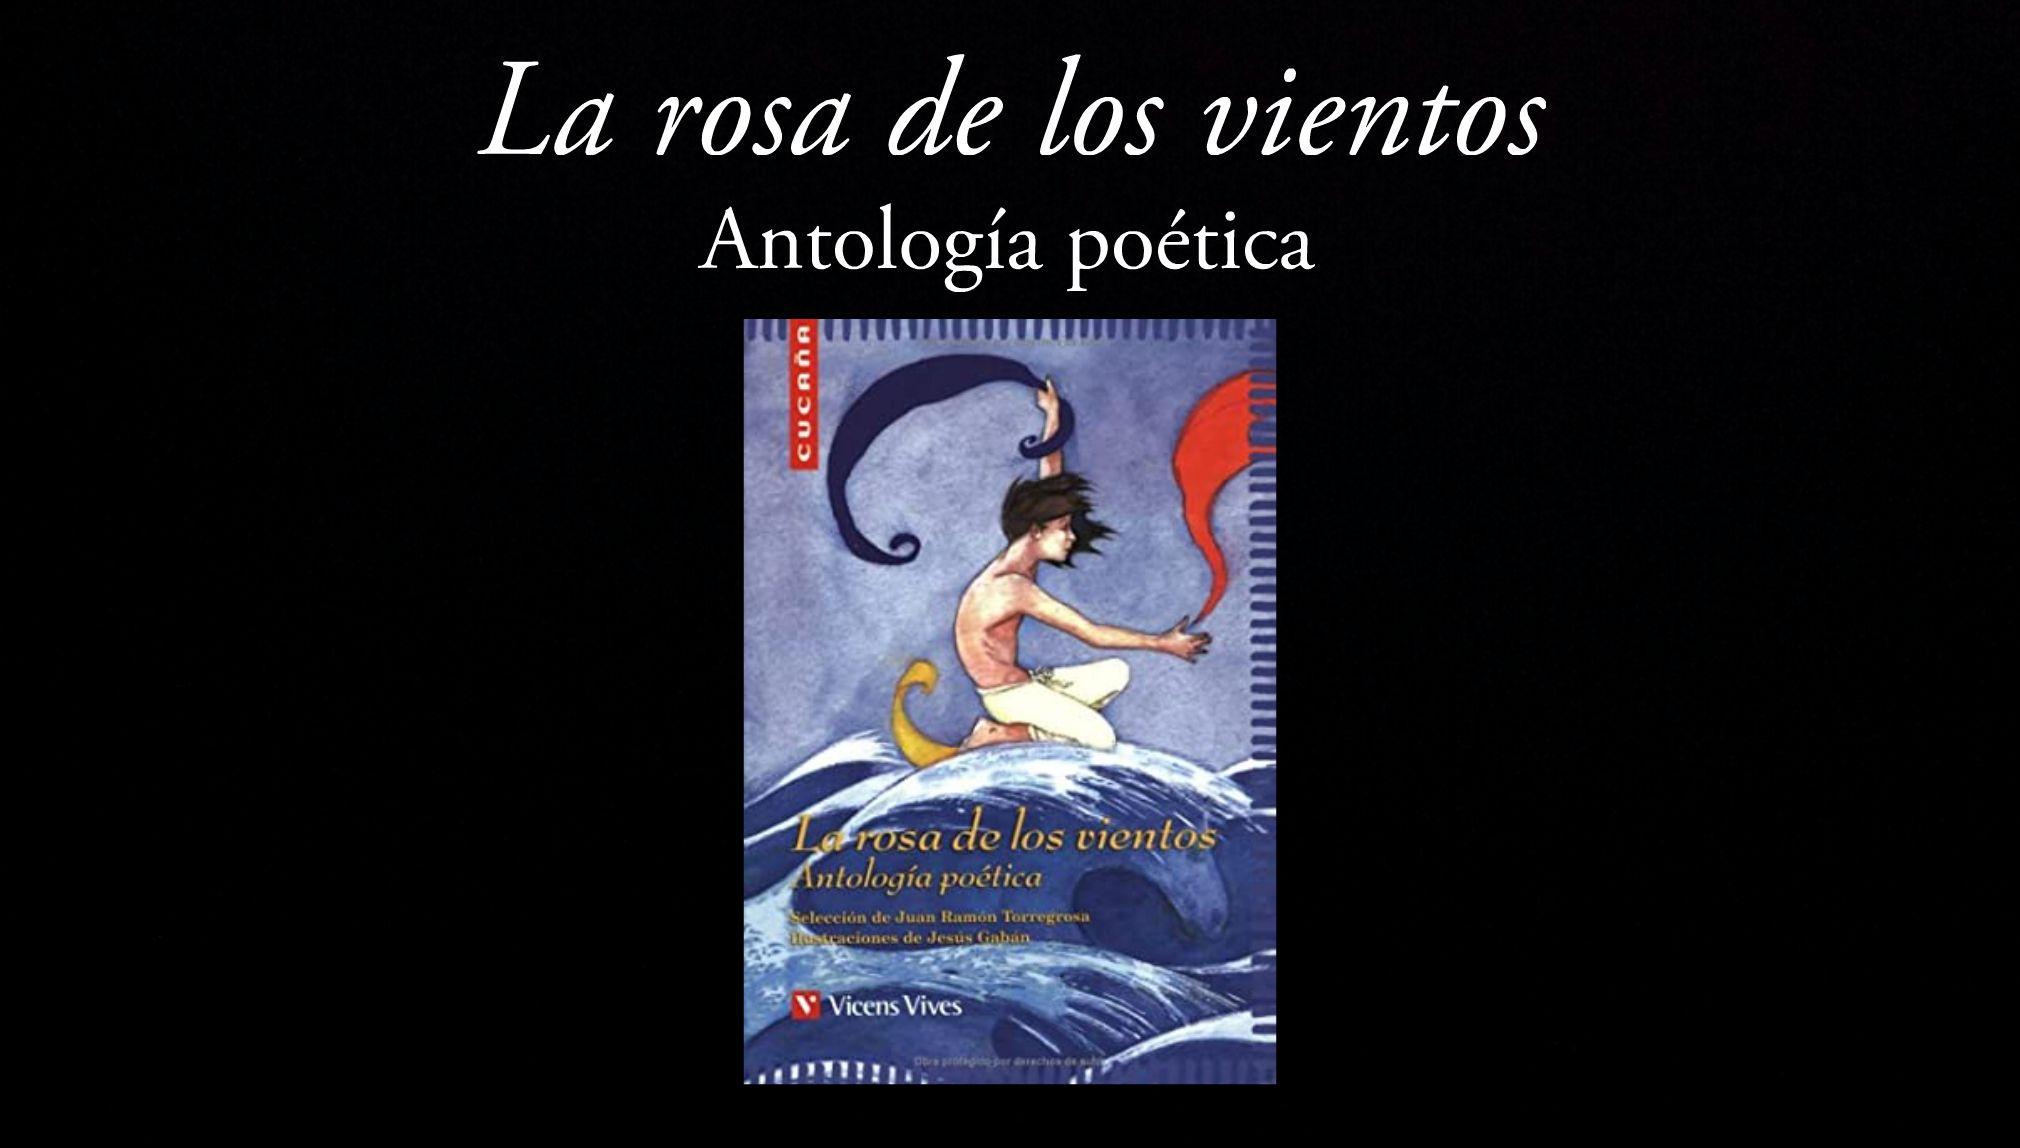 La rosa de los vientos. Antología poética, de Juan Ramón